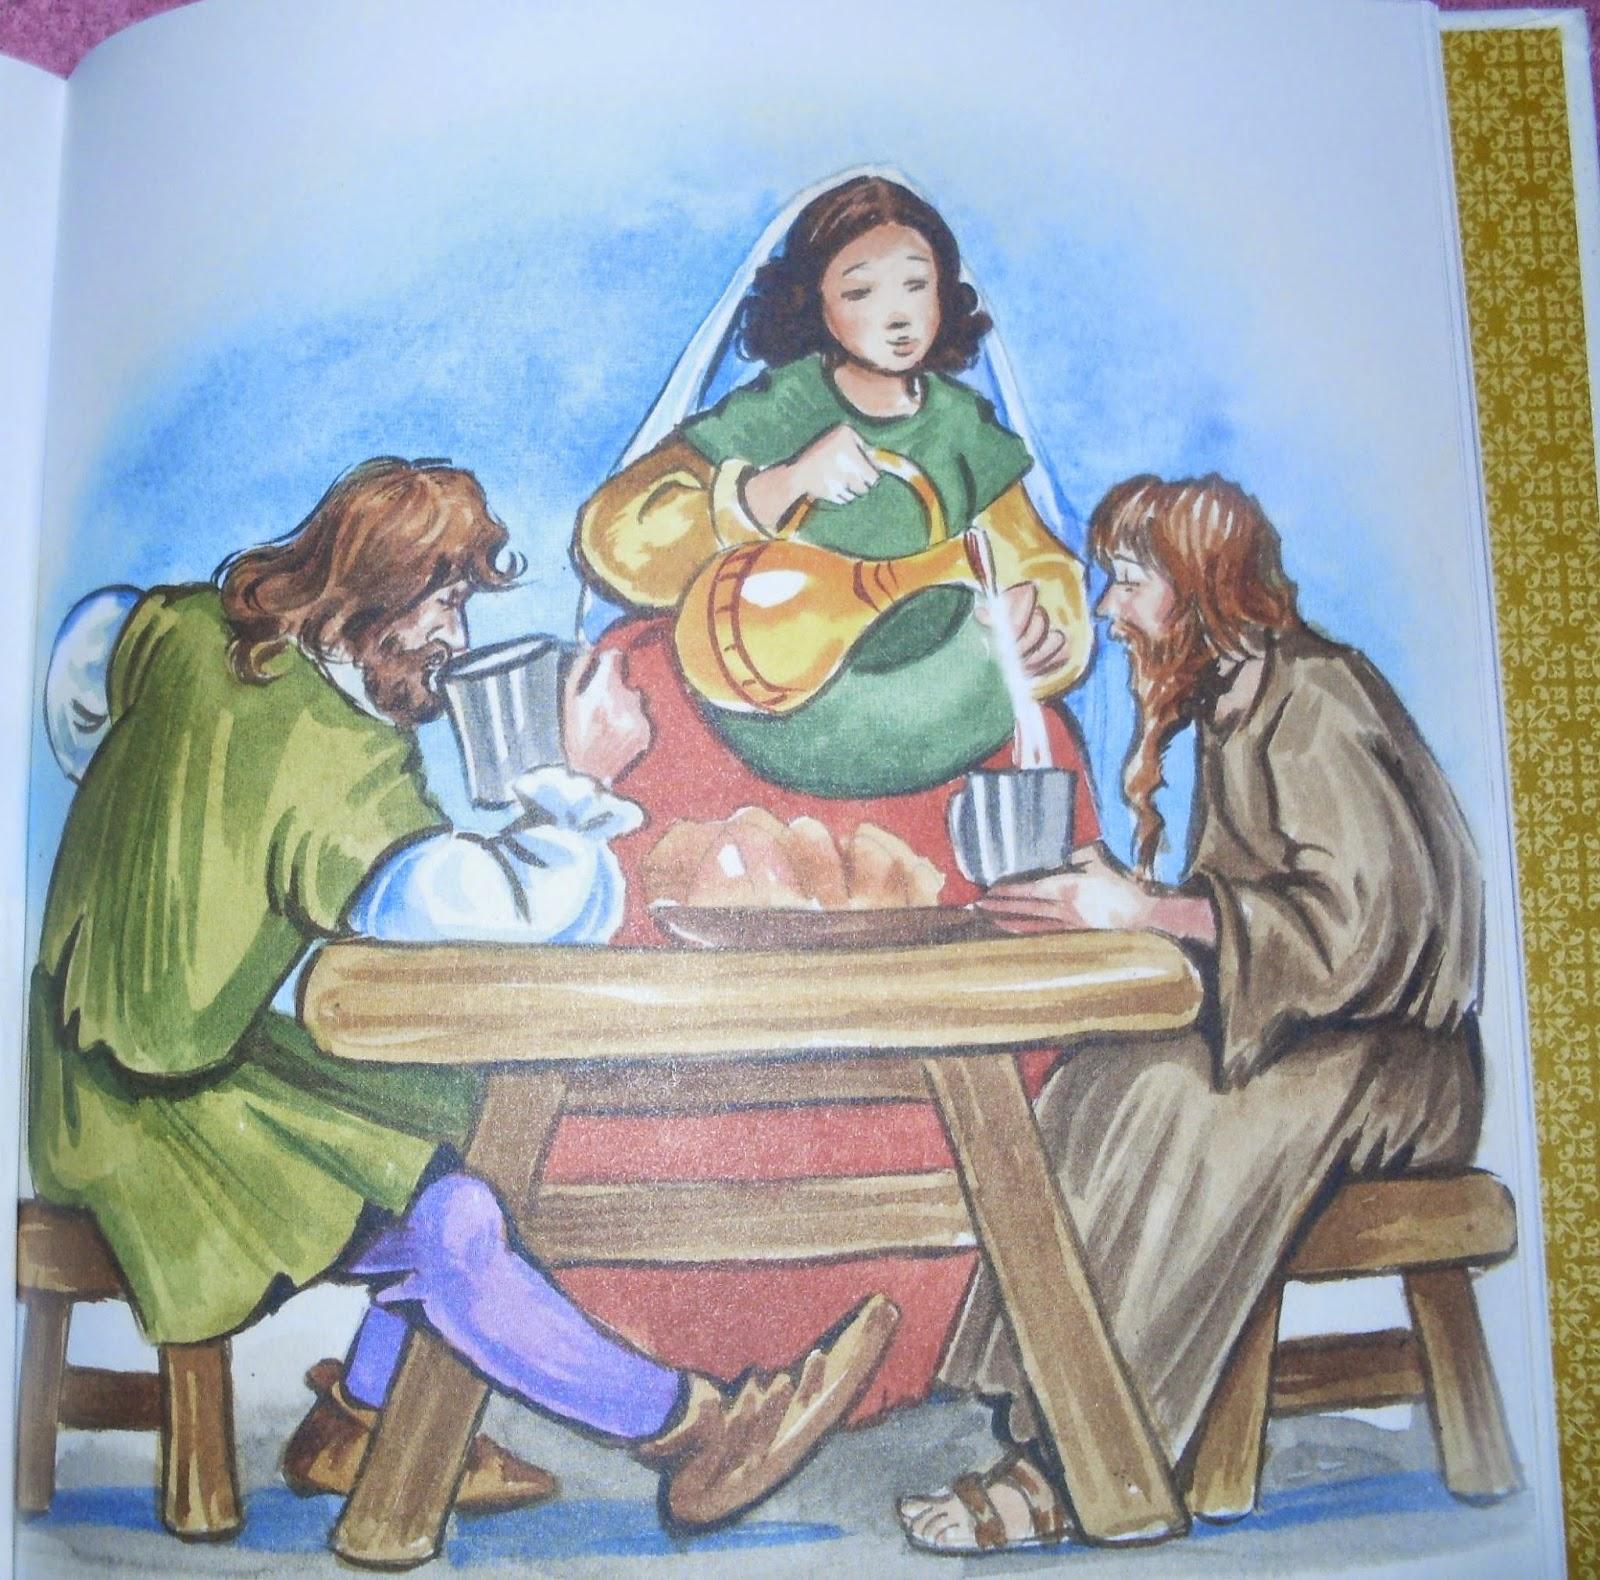 http://wydawnictwo.pl/pl/p/Grajek-wedrowny.-Legendy-chrzescijanskie-II/3681